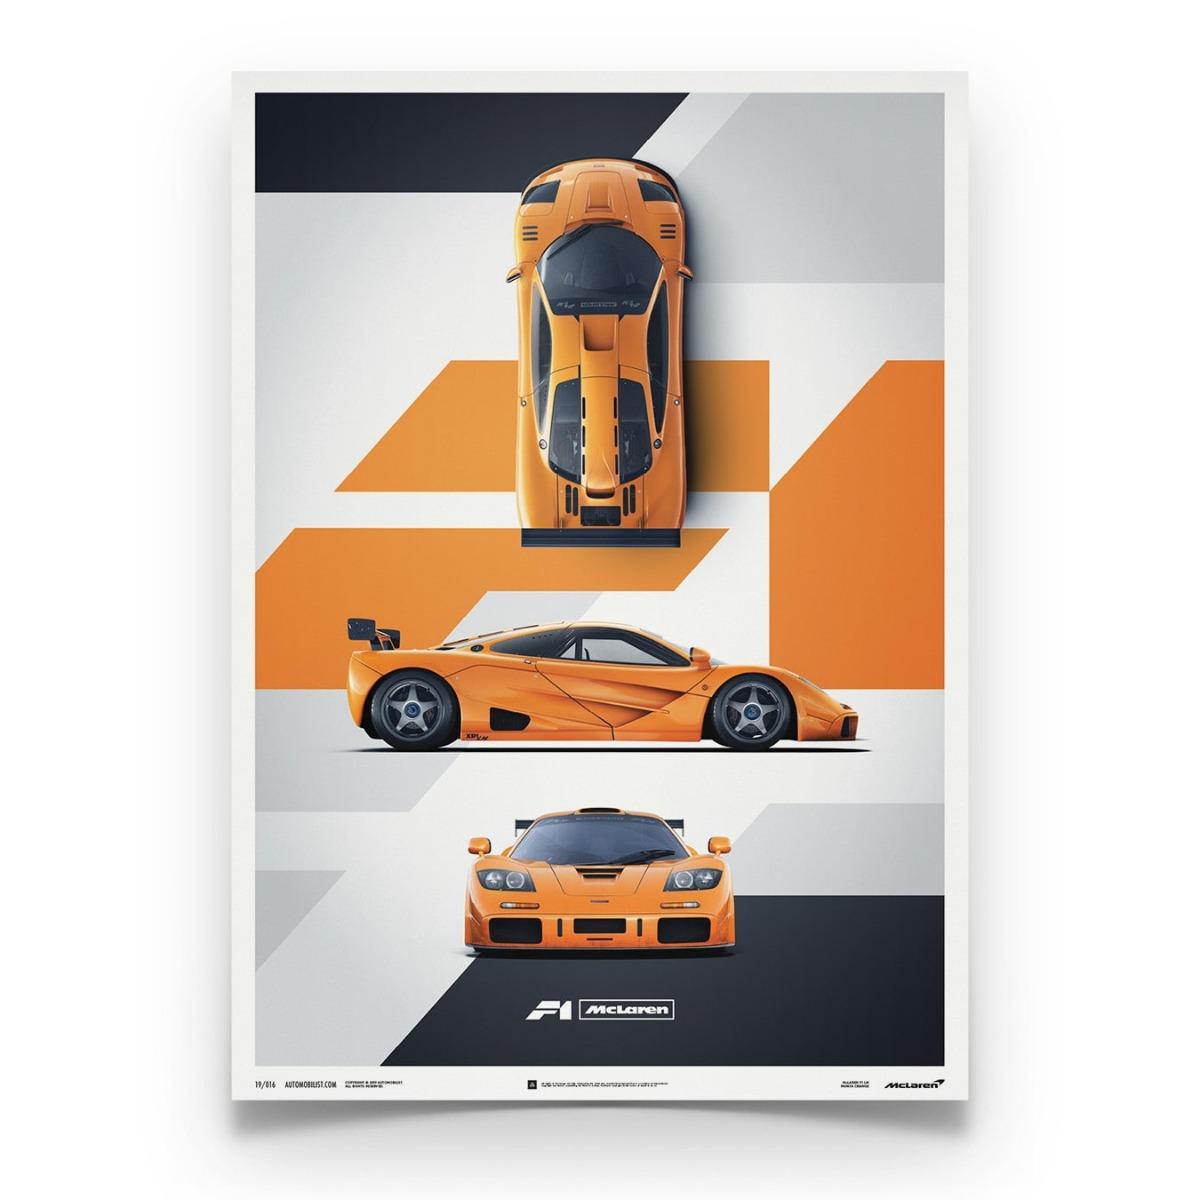 McLaren F1 LM - Papaya Orange